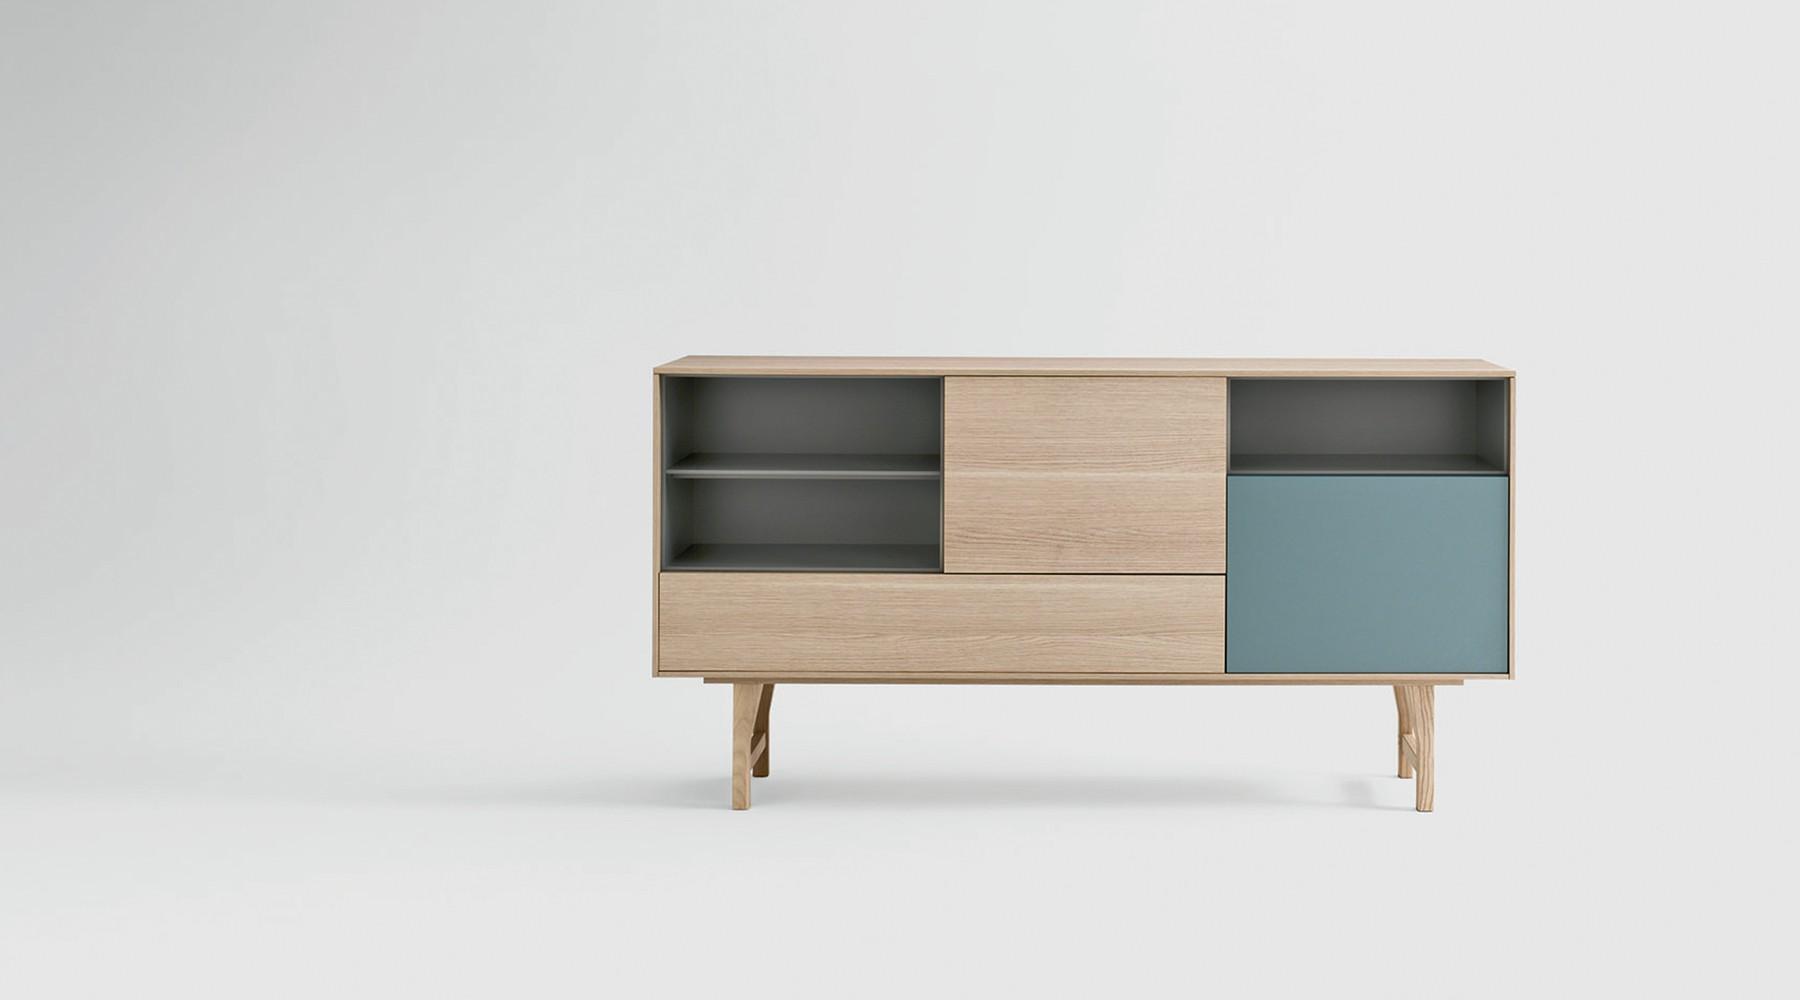 legno curvato e toni nordici in alcune novit novamobili supermobiliroma. Black Bedroom Furniture Sets. Home Design Ideas